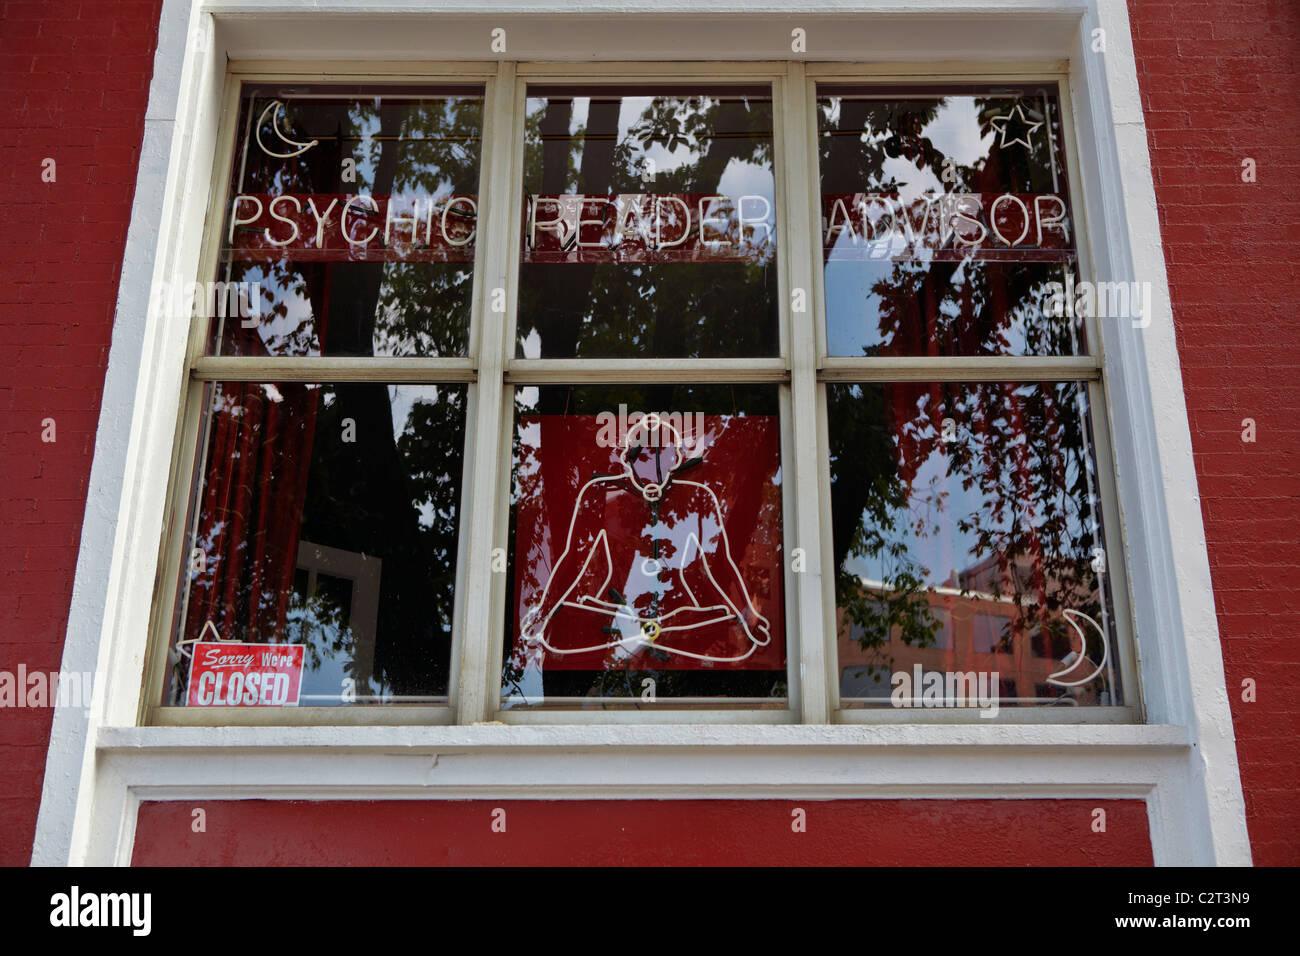 La finestra di un lettore psichica Advisor shop in Washington, DC. Immagini Stock